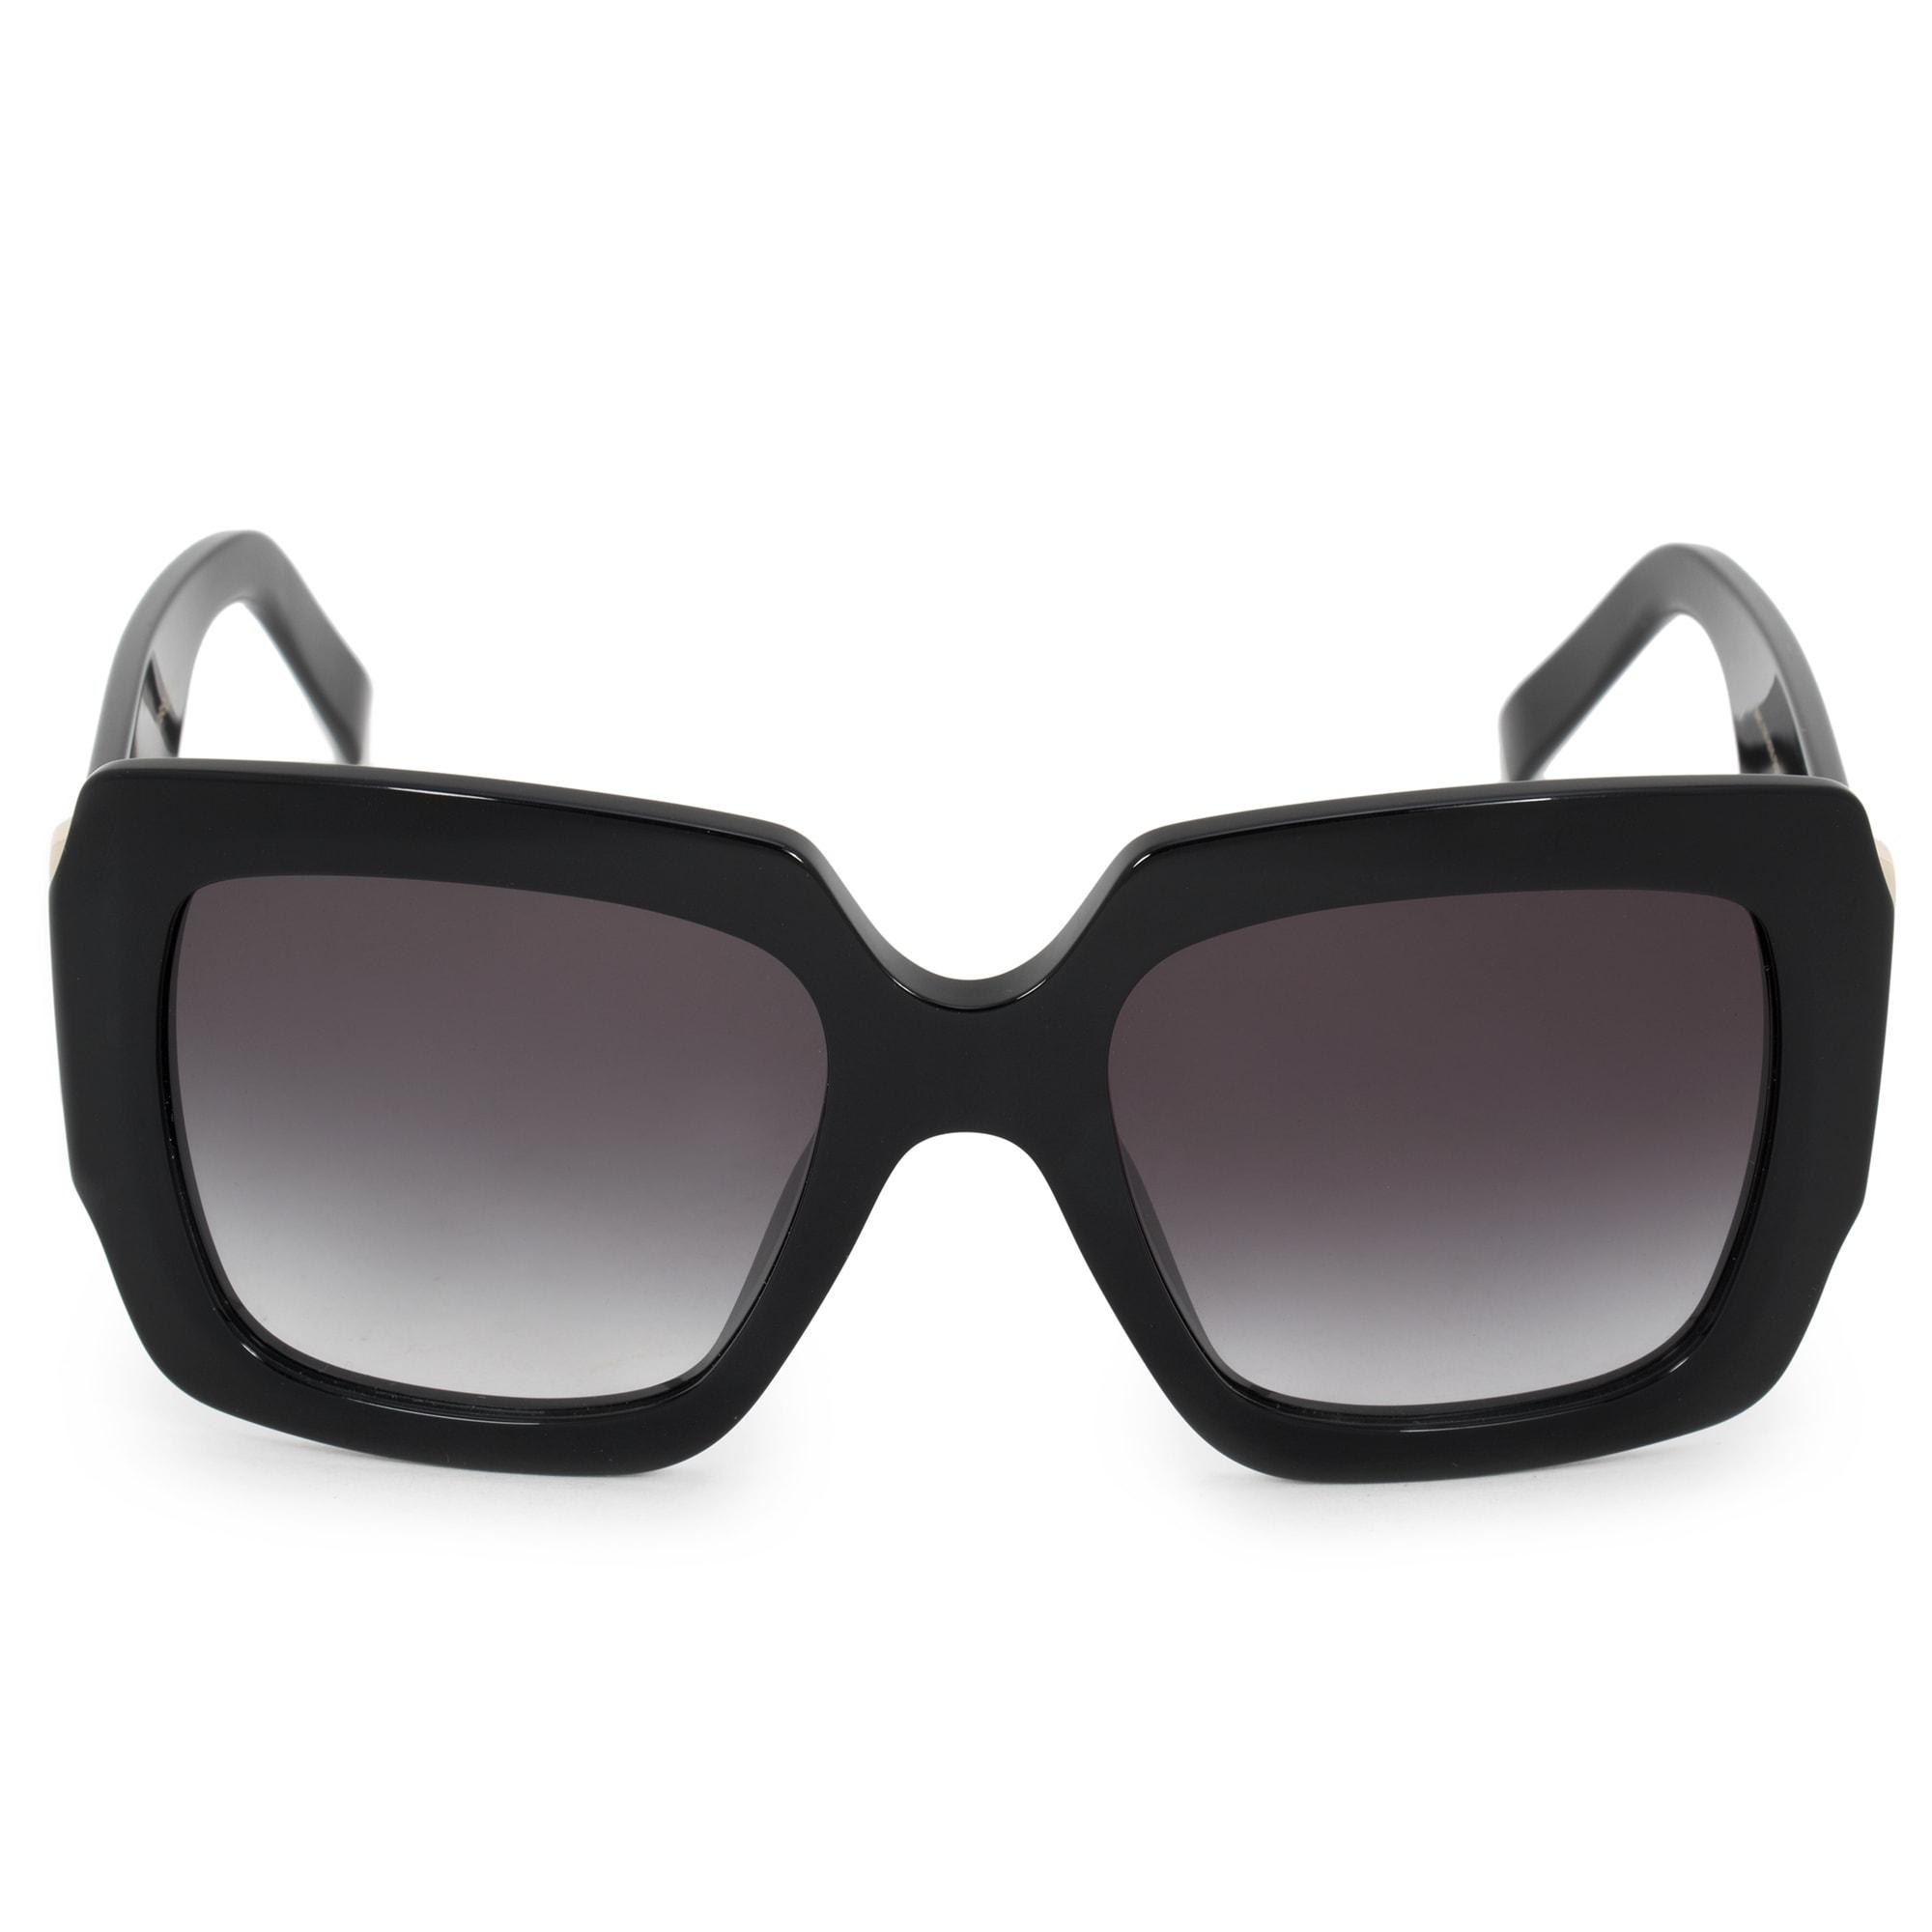 83d43184313c6 Marc Jacobs Women s Sunglasses